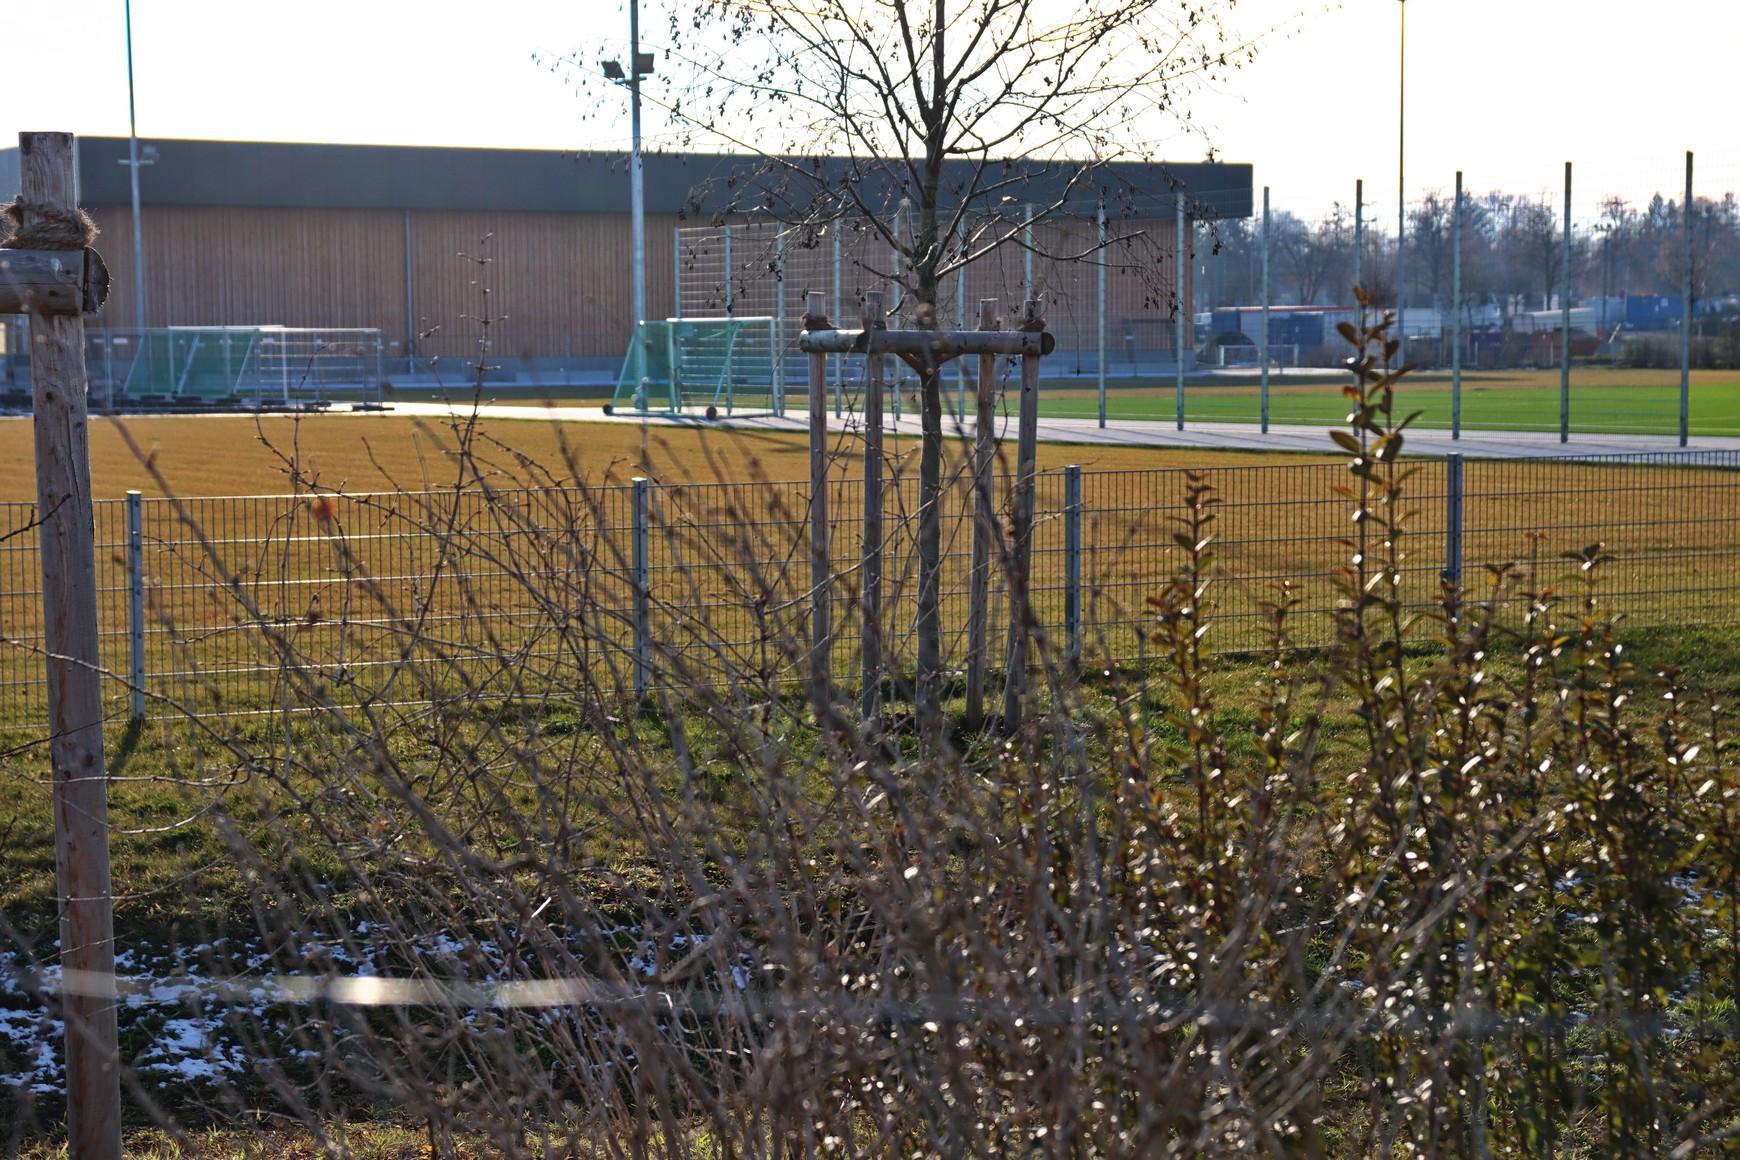 Gerd-Vogt-Sportpark; Bauphase 2019-2021